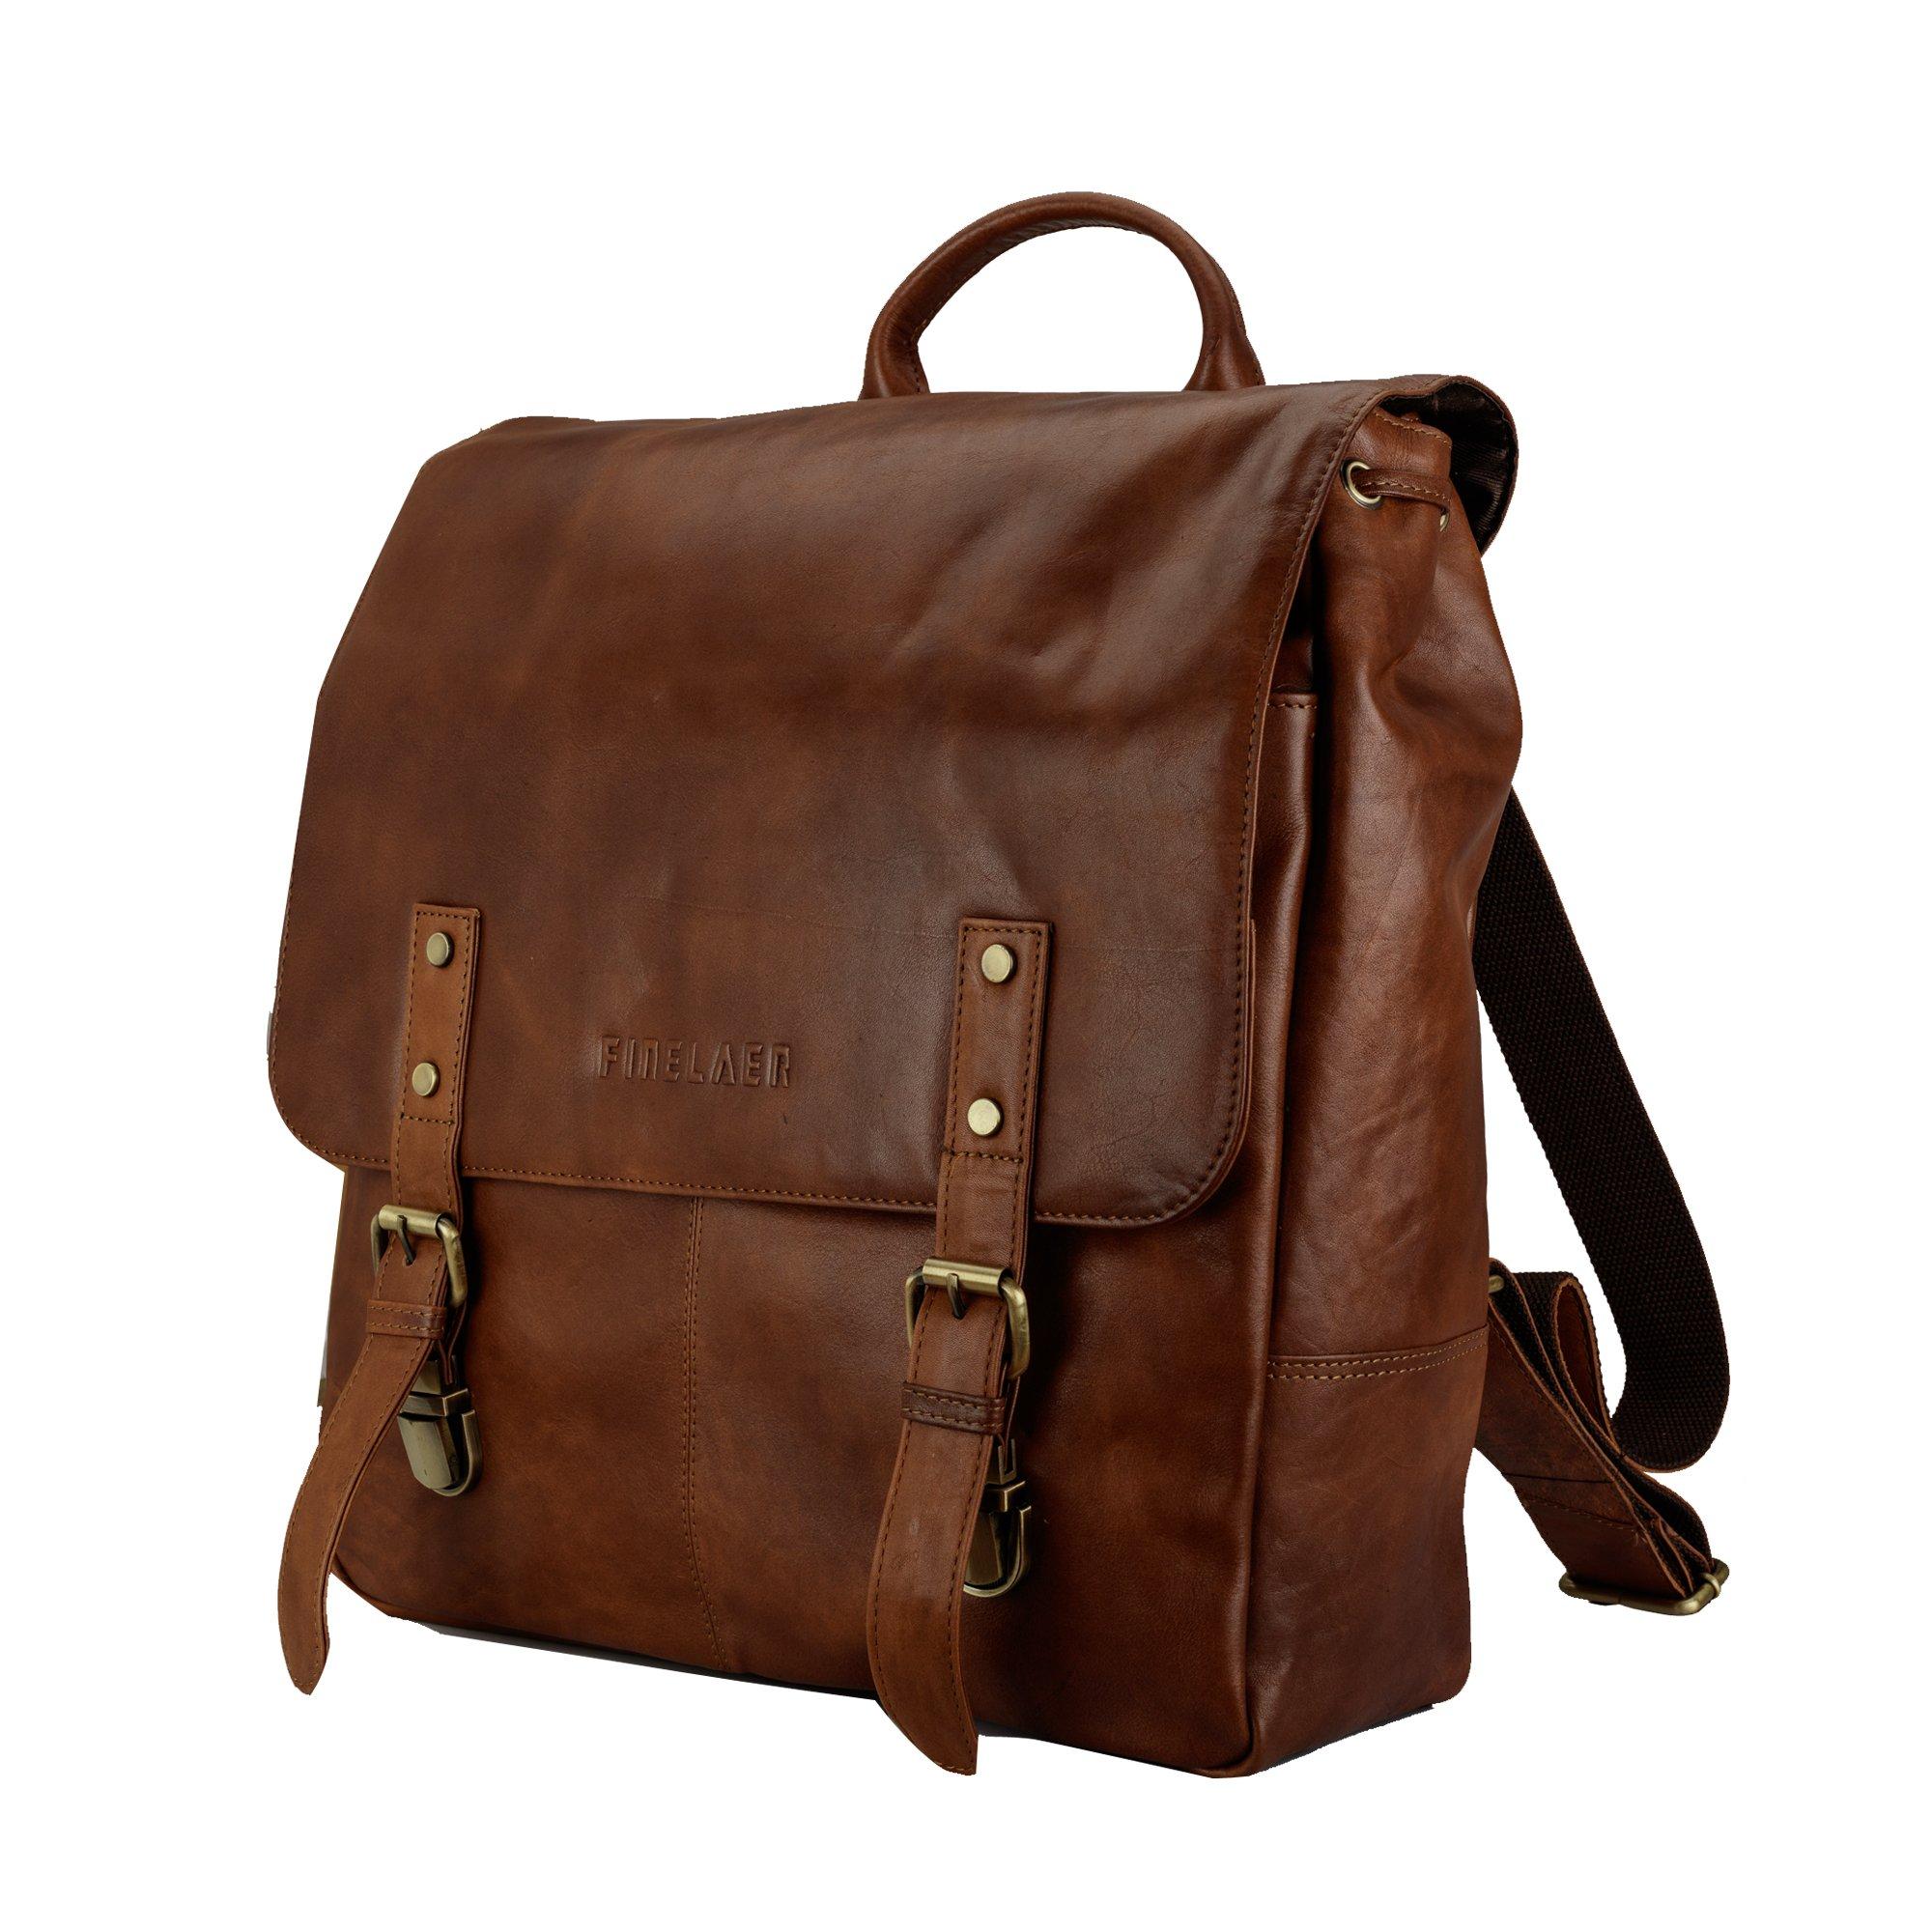 Finelaer Vintage Brown Laptop Backpack Daypack Rucksack Travel Hiking Bag Men Women by FINELAER (Image #4)